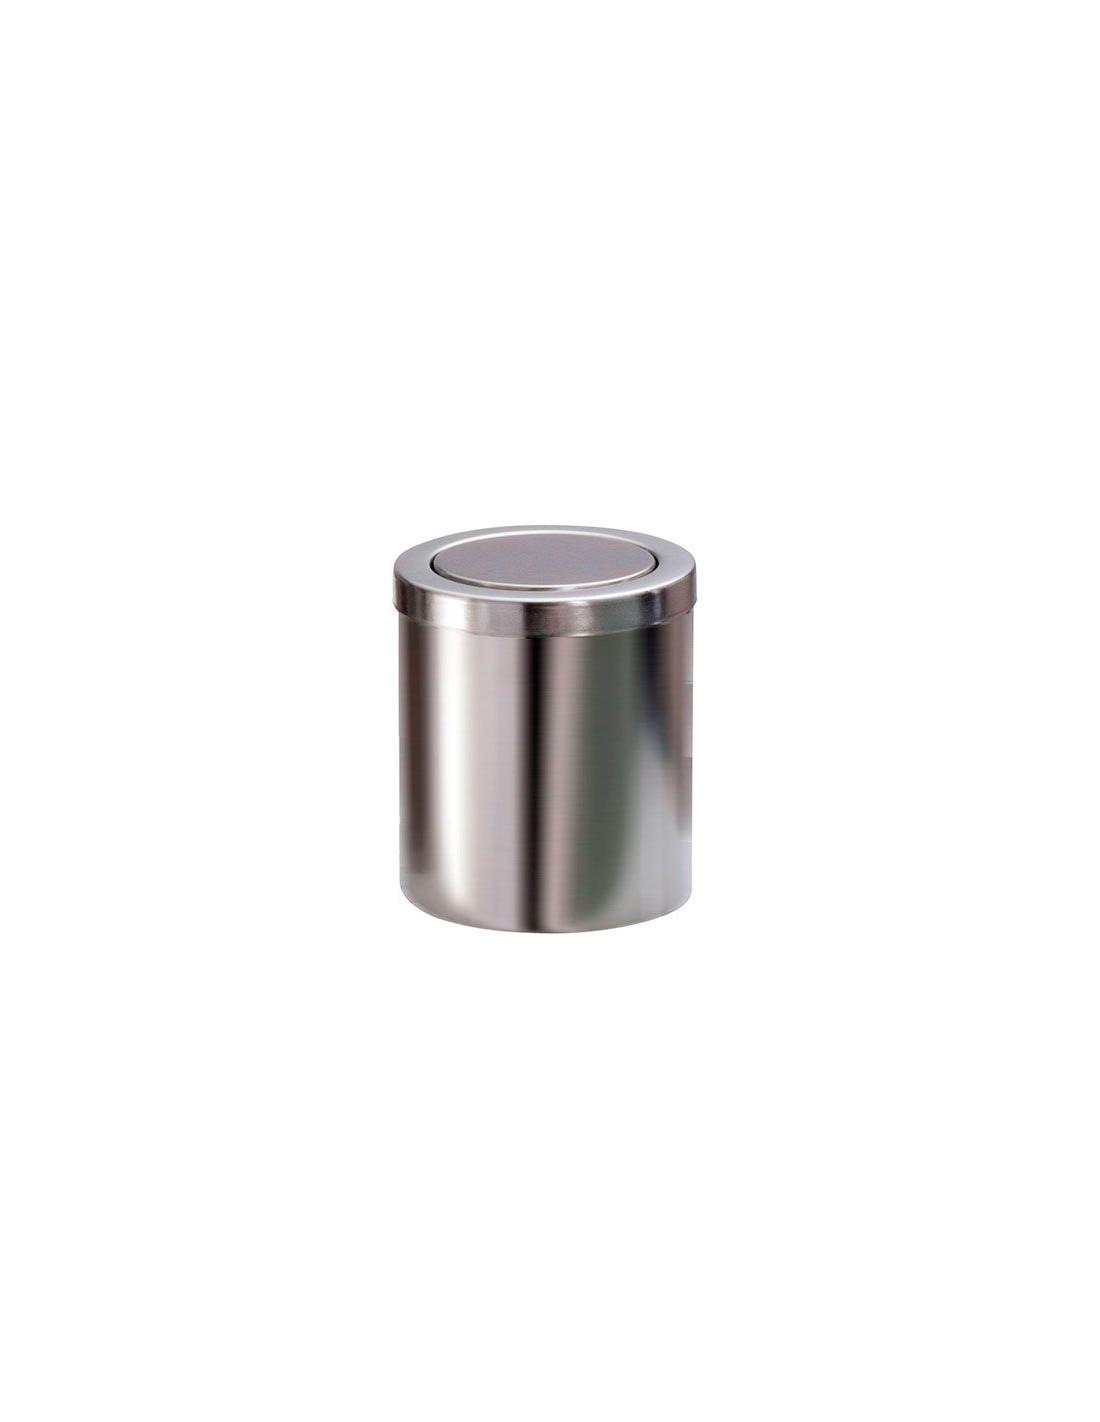 Valente design accessoires bain mini poubelle dw1240 acier mat - Mini poubelle salle de bain ...